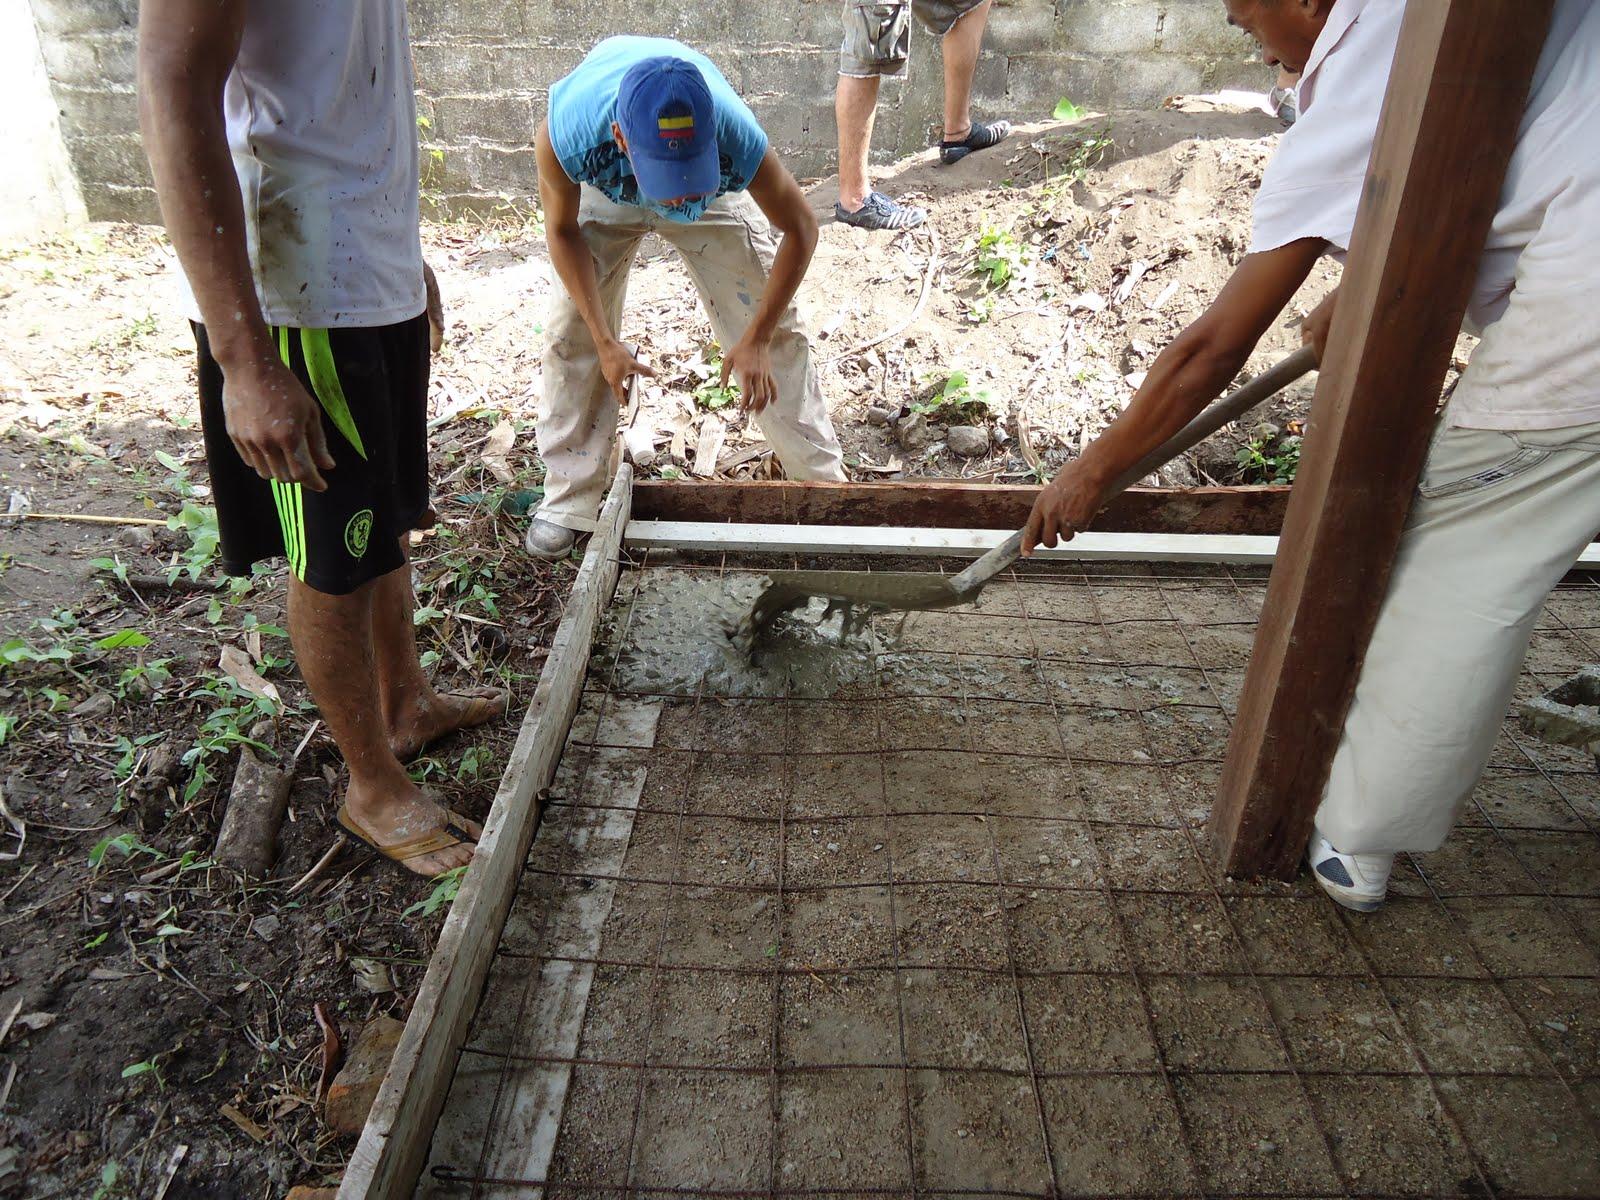 Mariagil palomino cultural trabajo abril 2 a 9 de 2011 for Materiales para hacer un piso